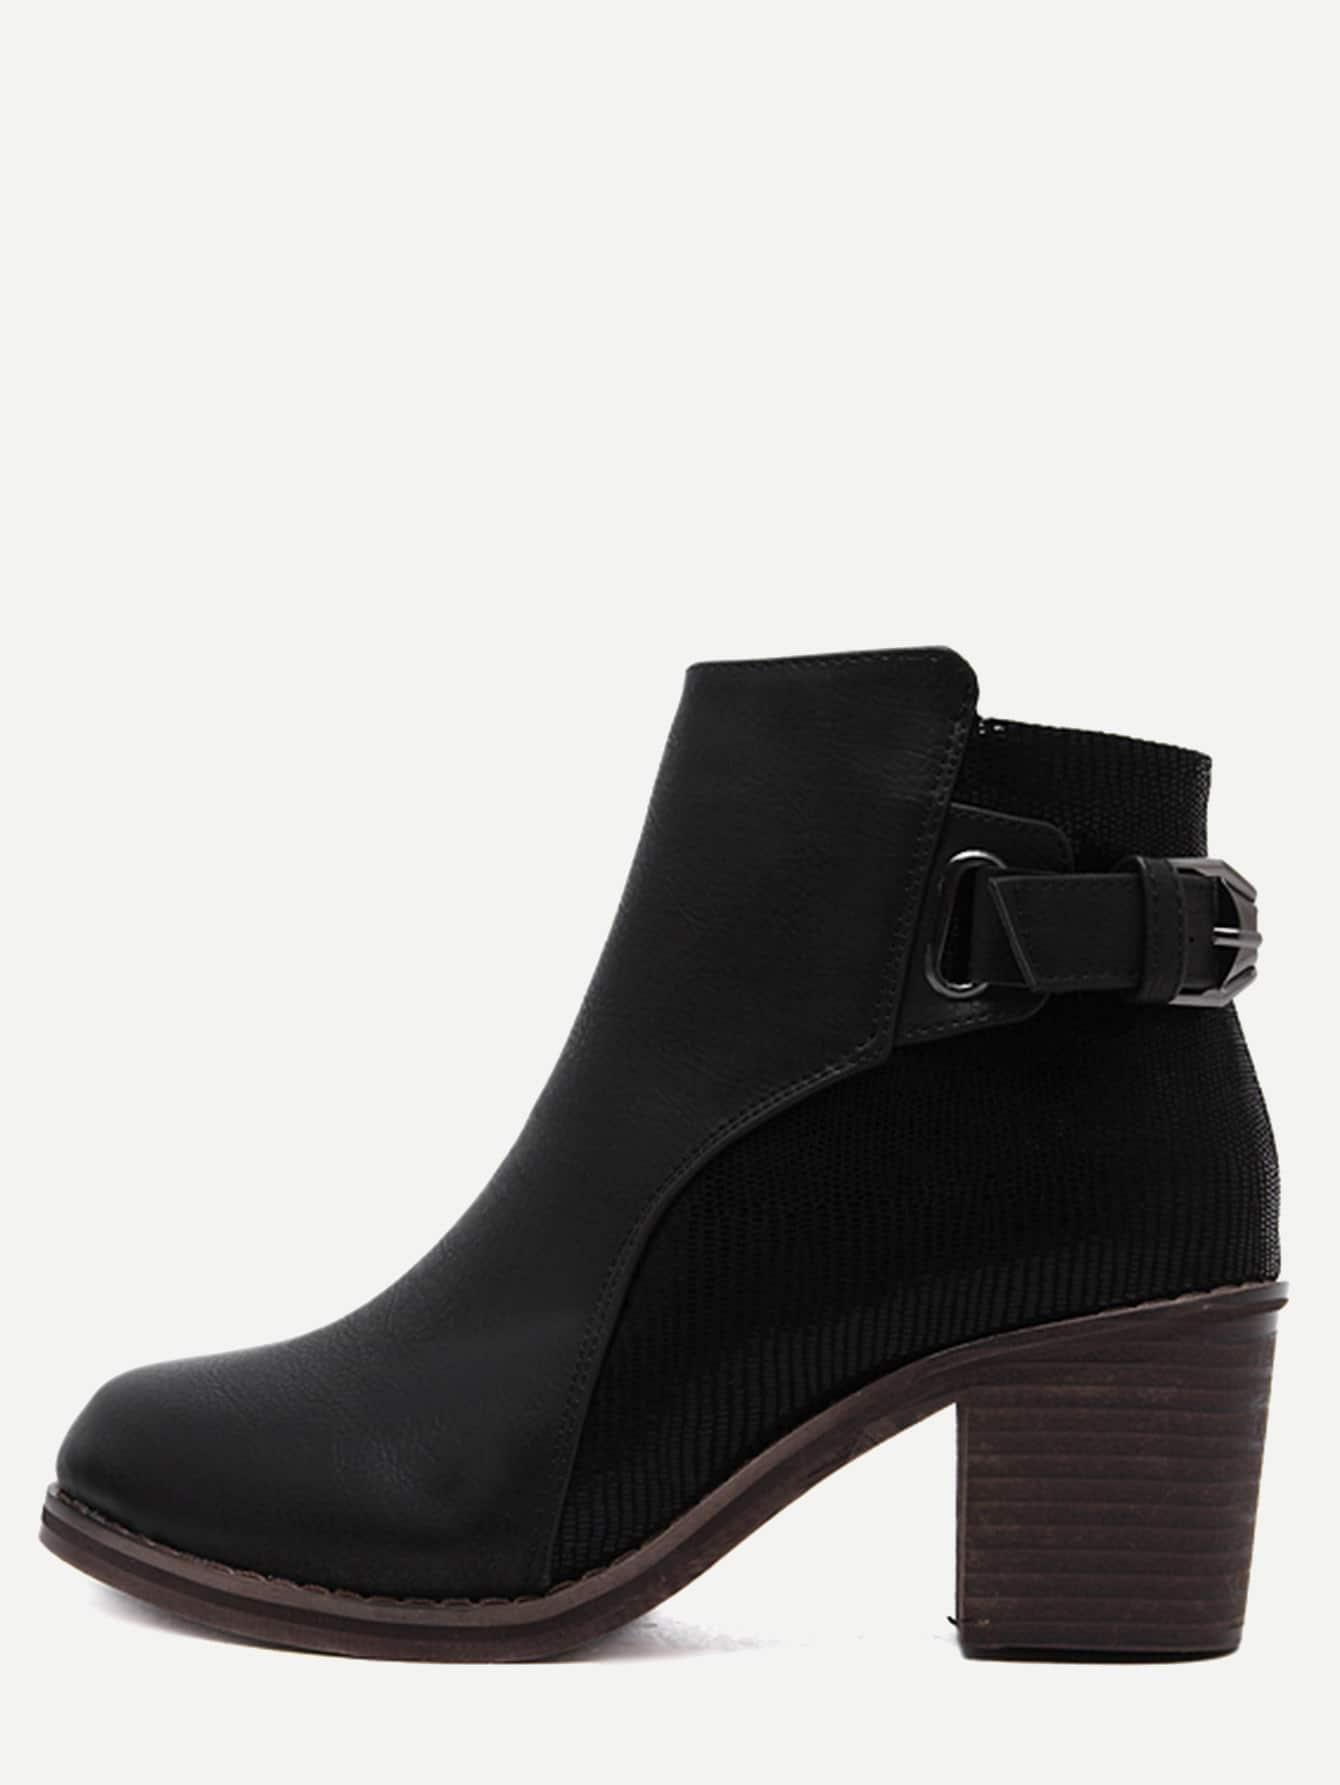 shoes161028813_2